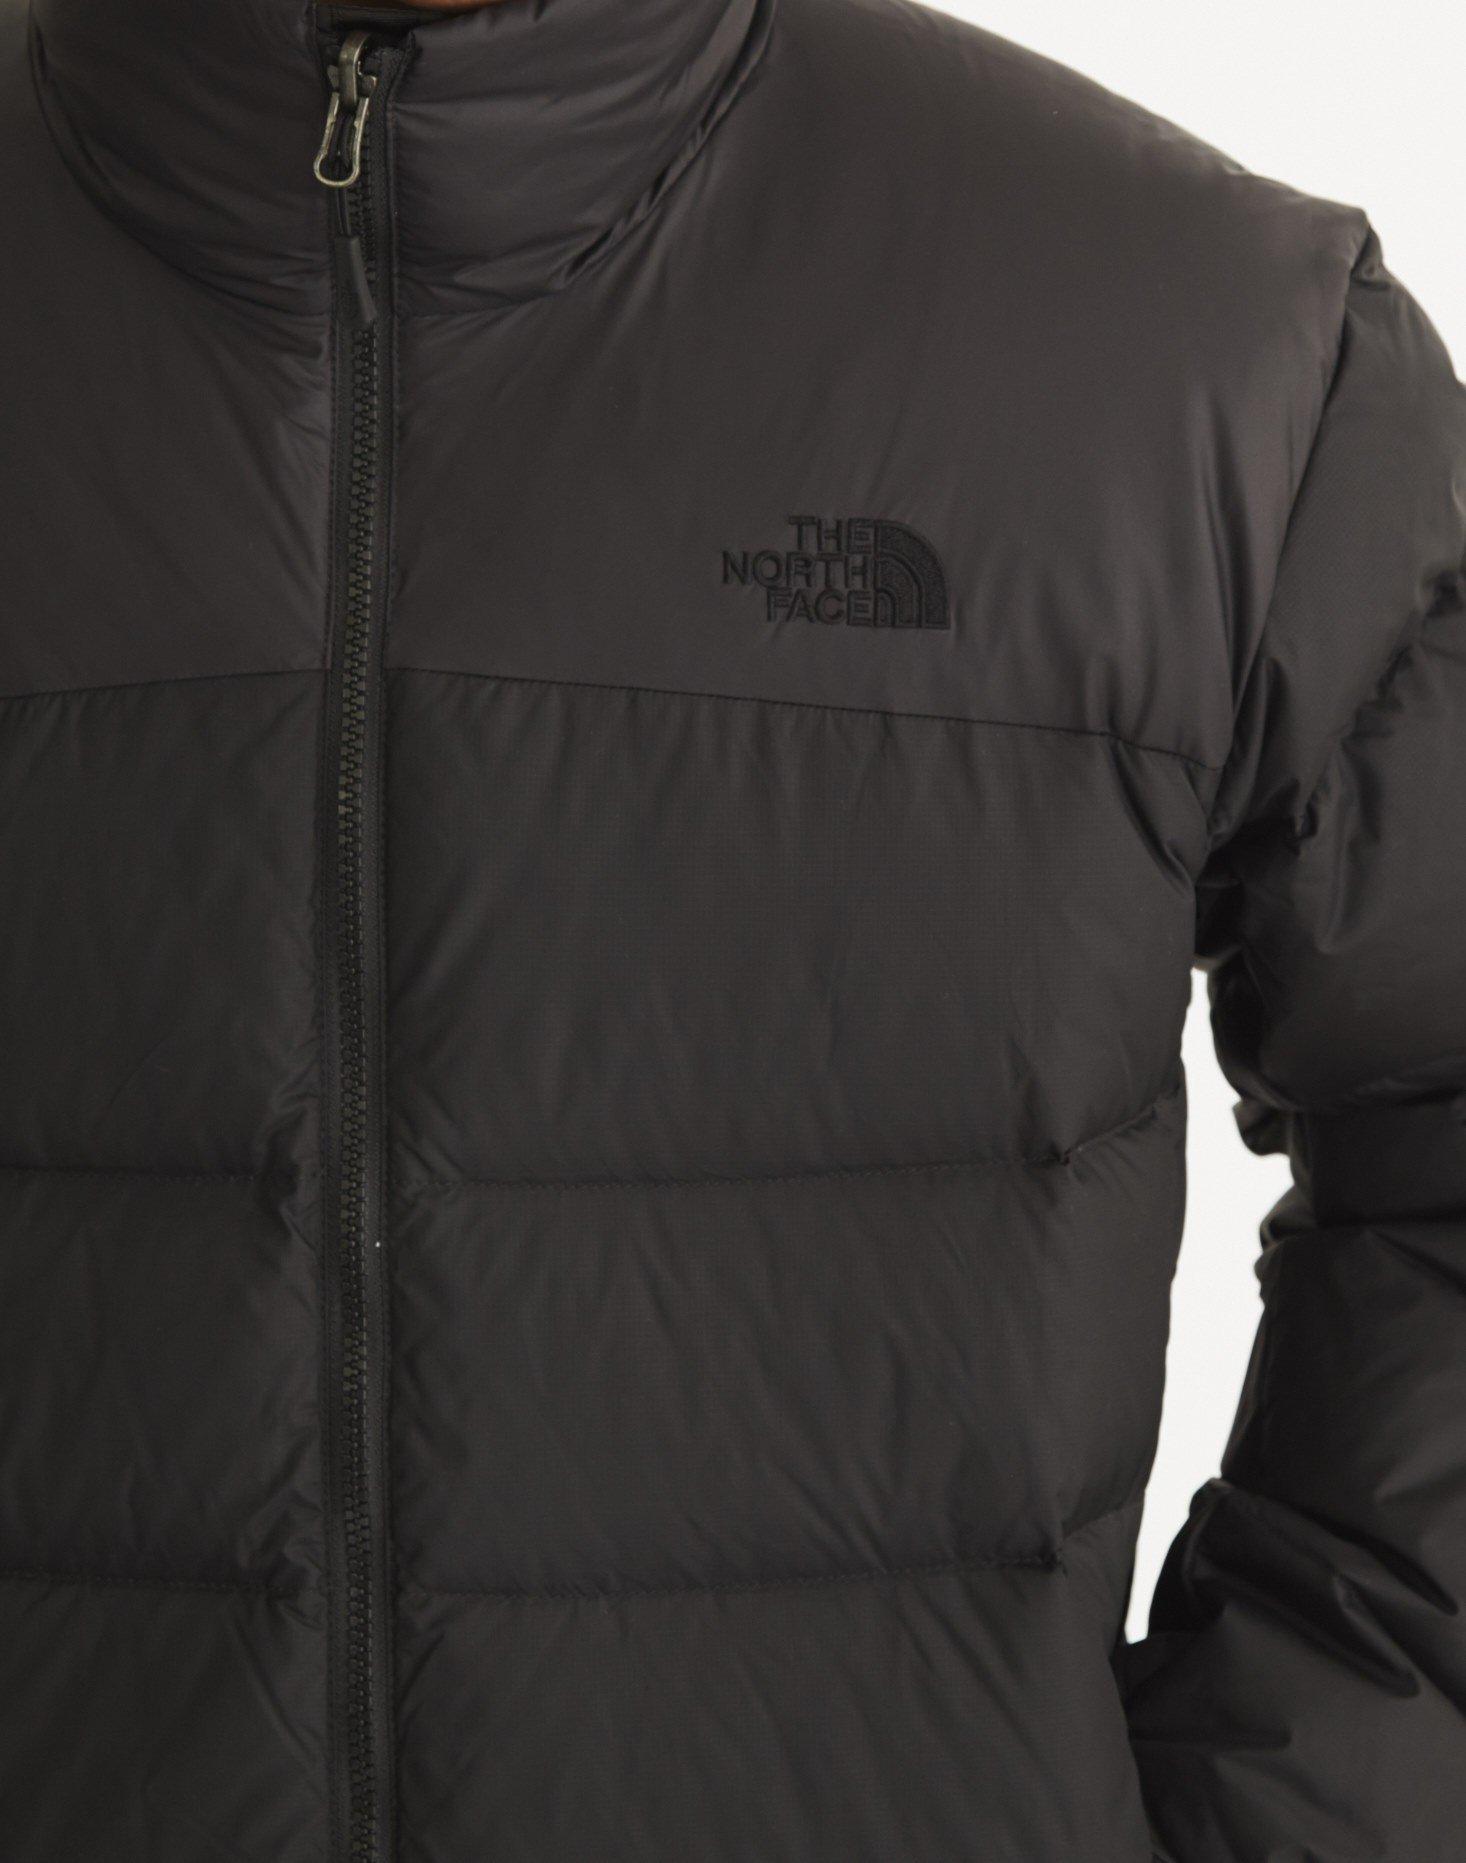 the north face nuptse 2 jacket tnf black - Marwood VeneerMarwood Veneer df33d1222